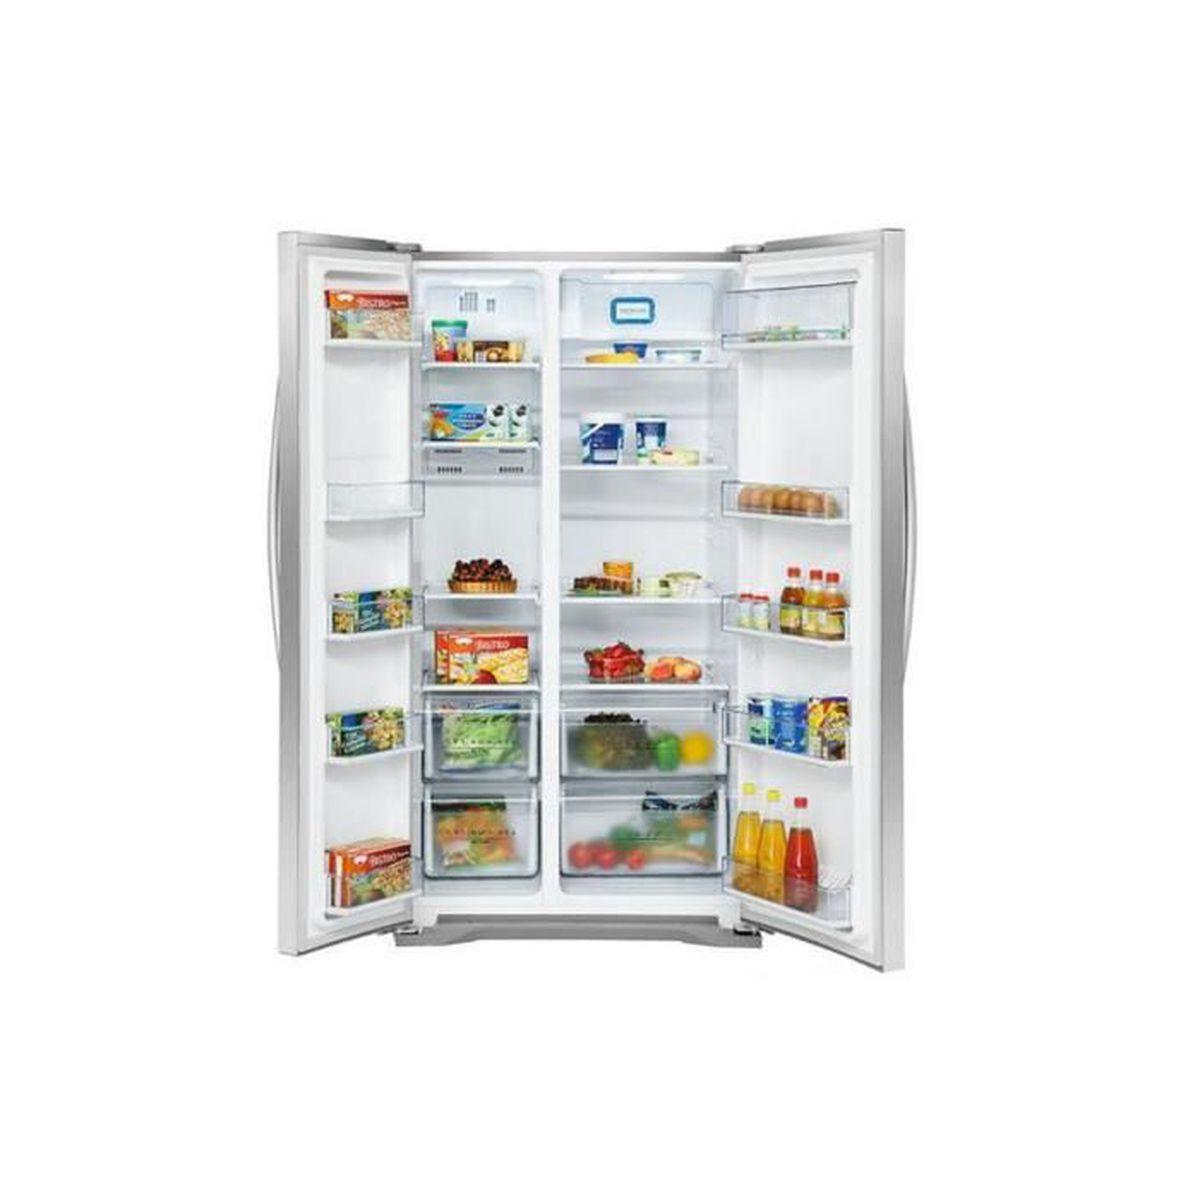 R frig rateur double porte 562 litres en acier inoxydable for Refrigerateur americain porte miroir